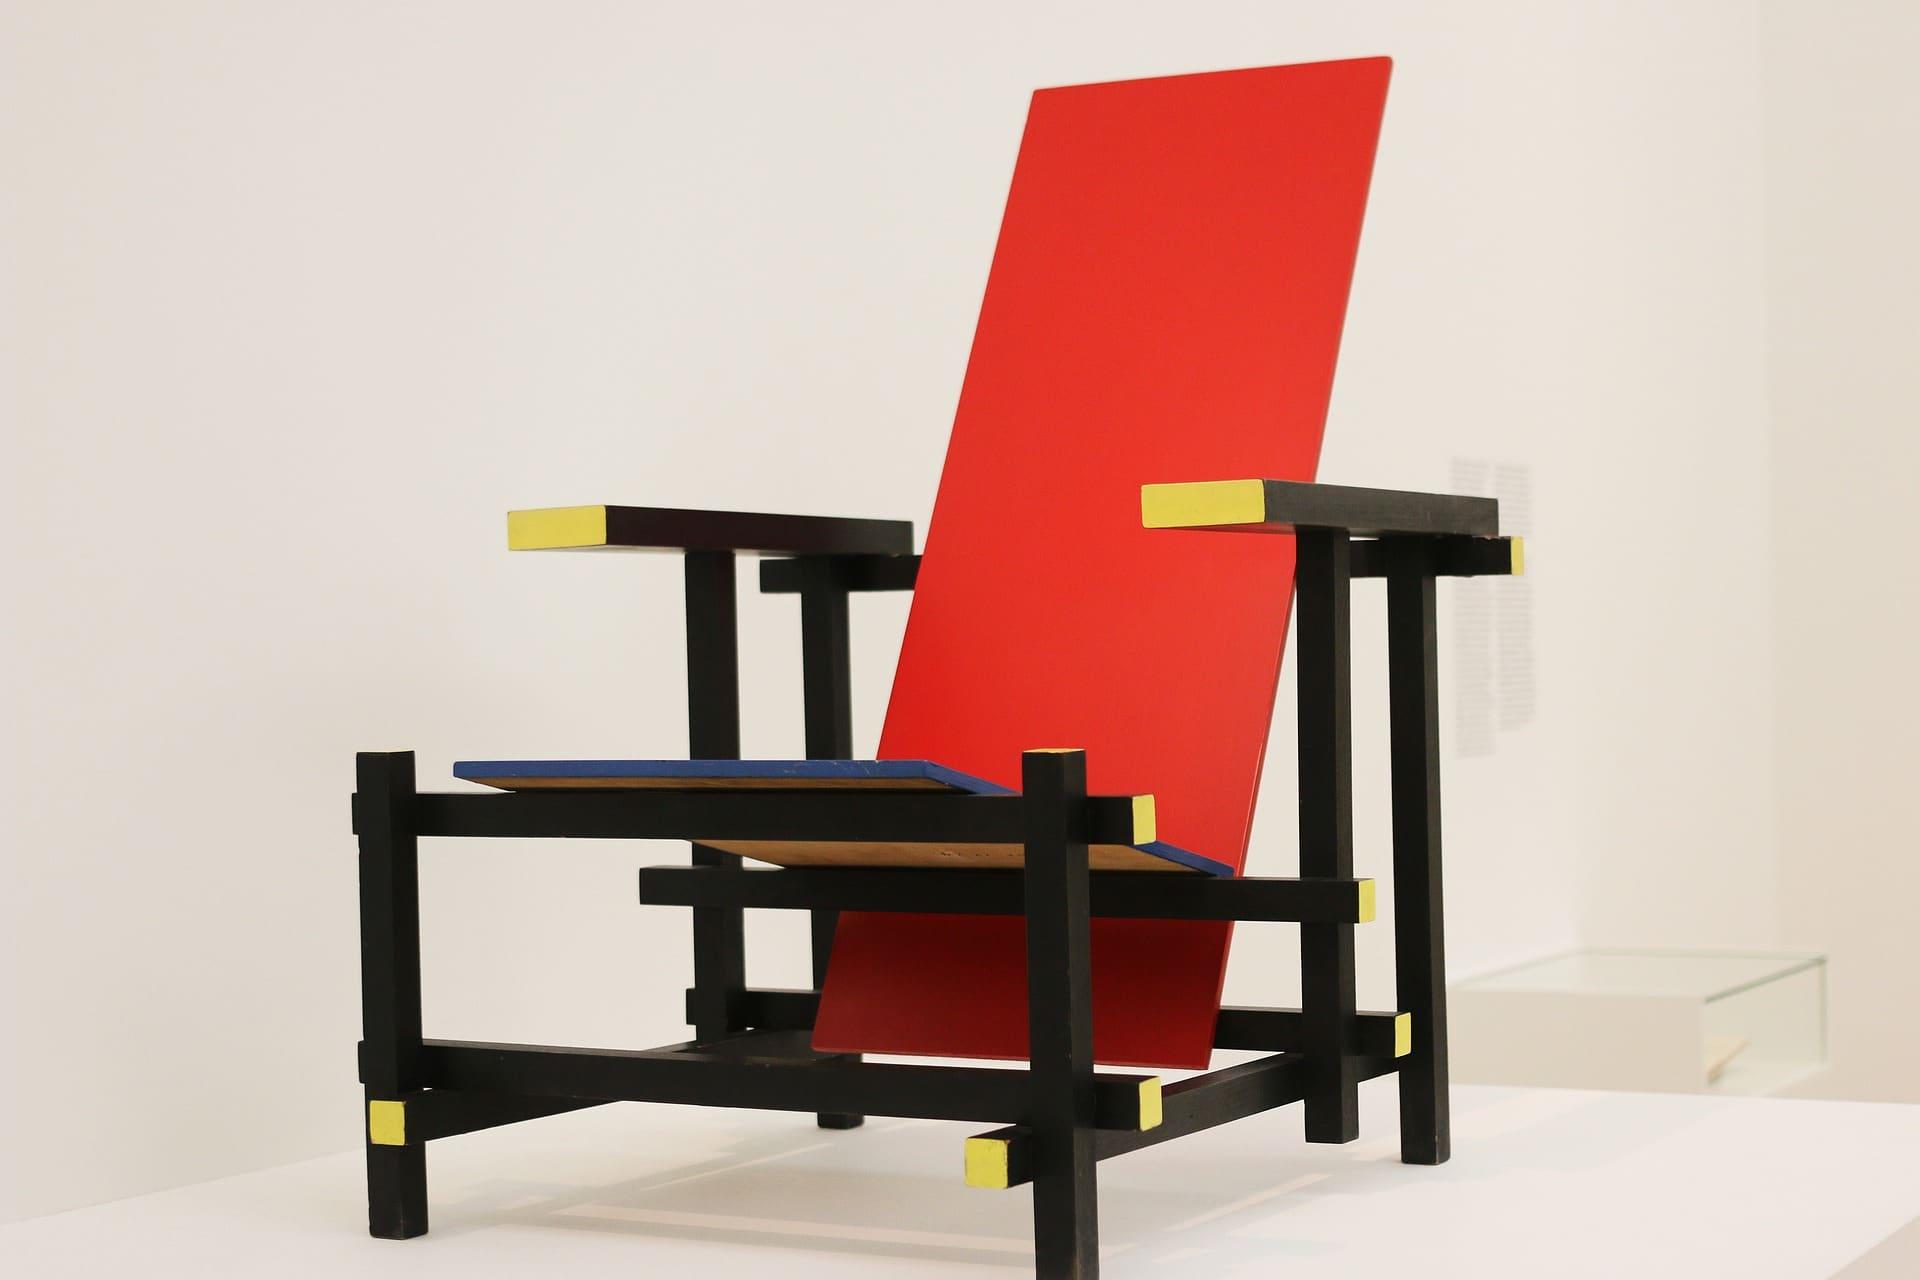 modern art 4491606 1920 1